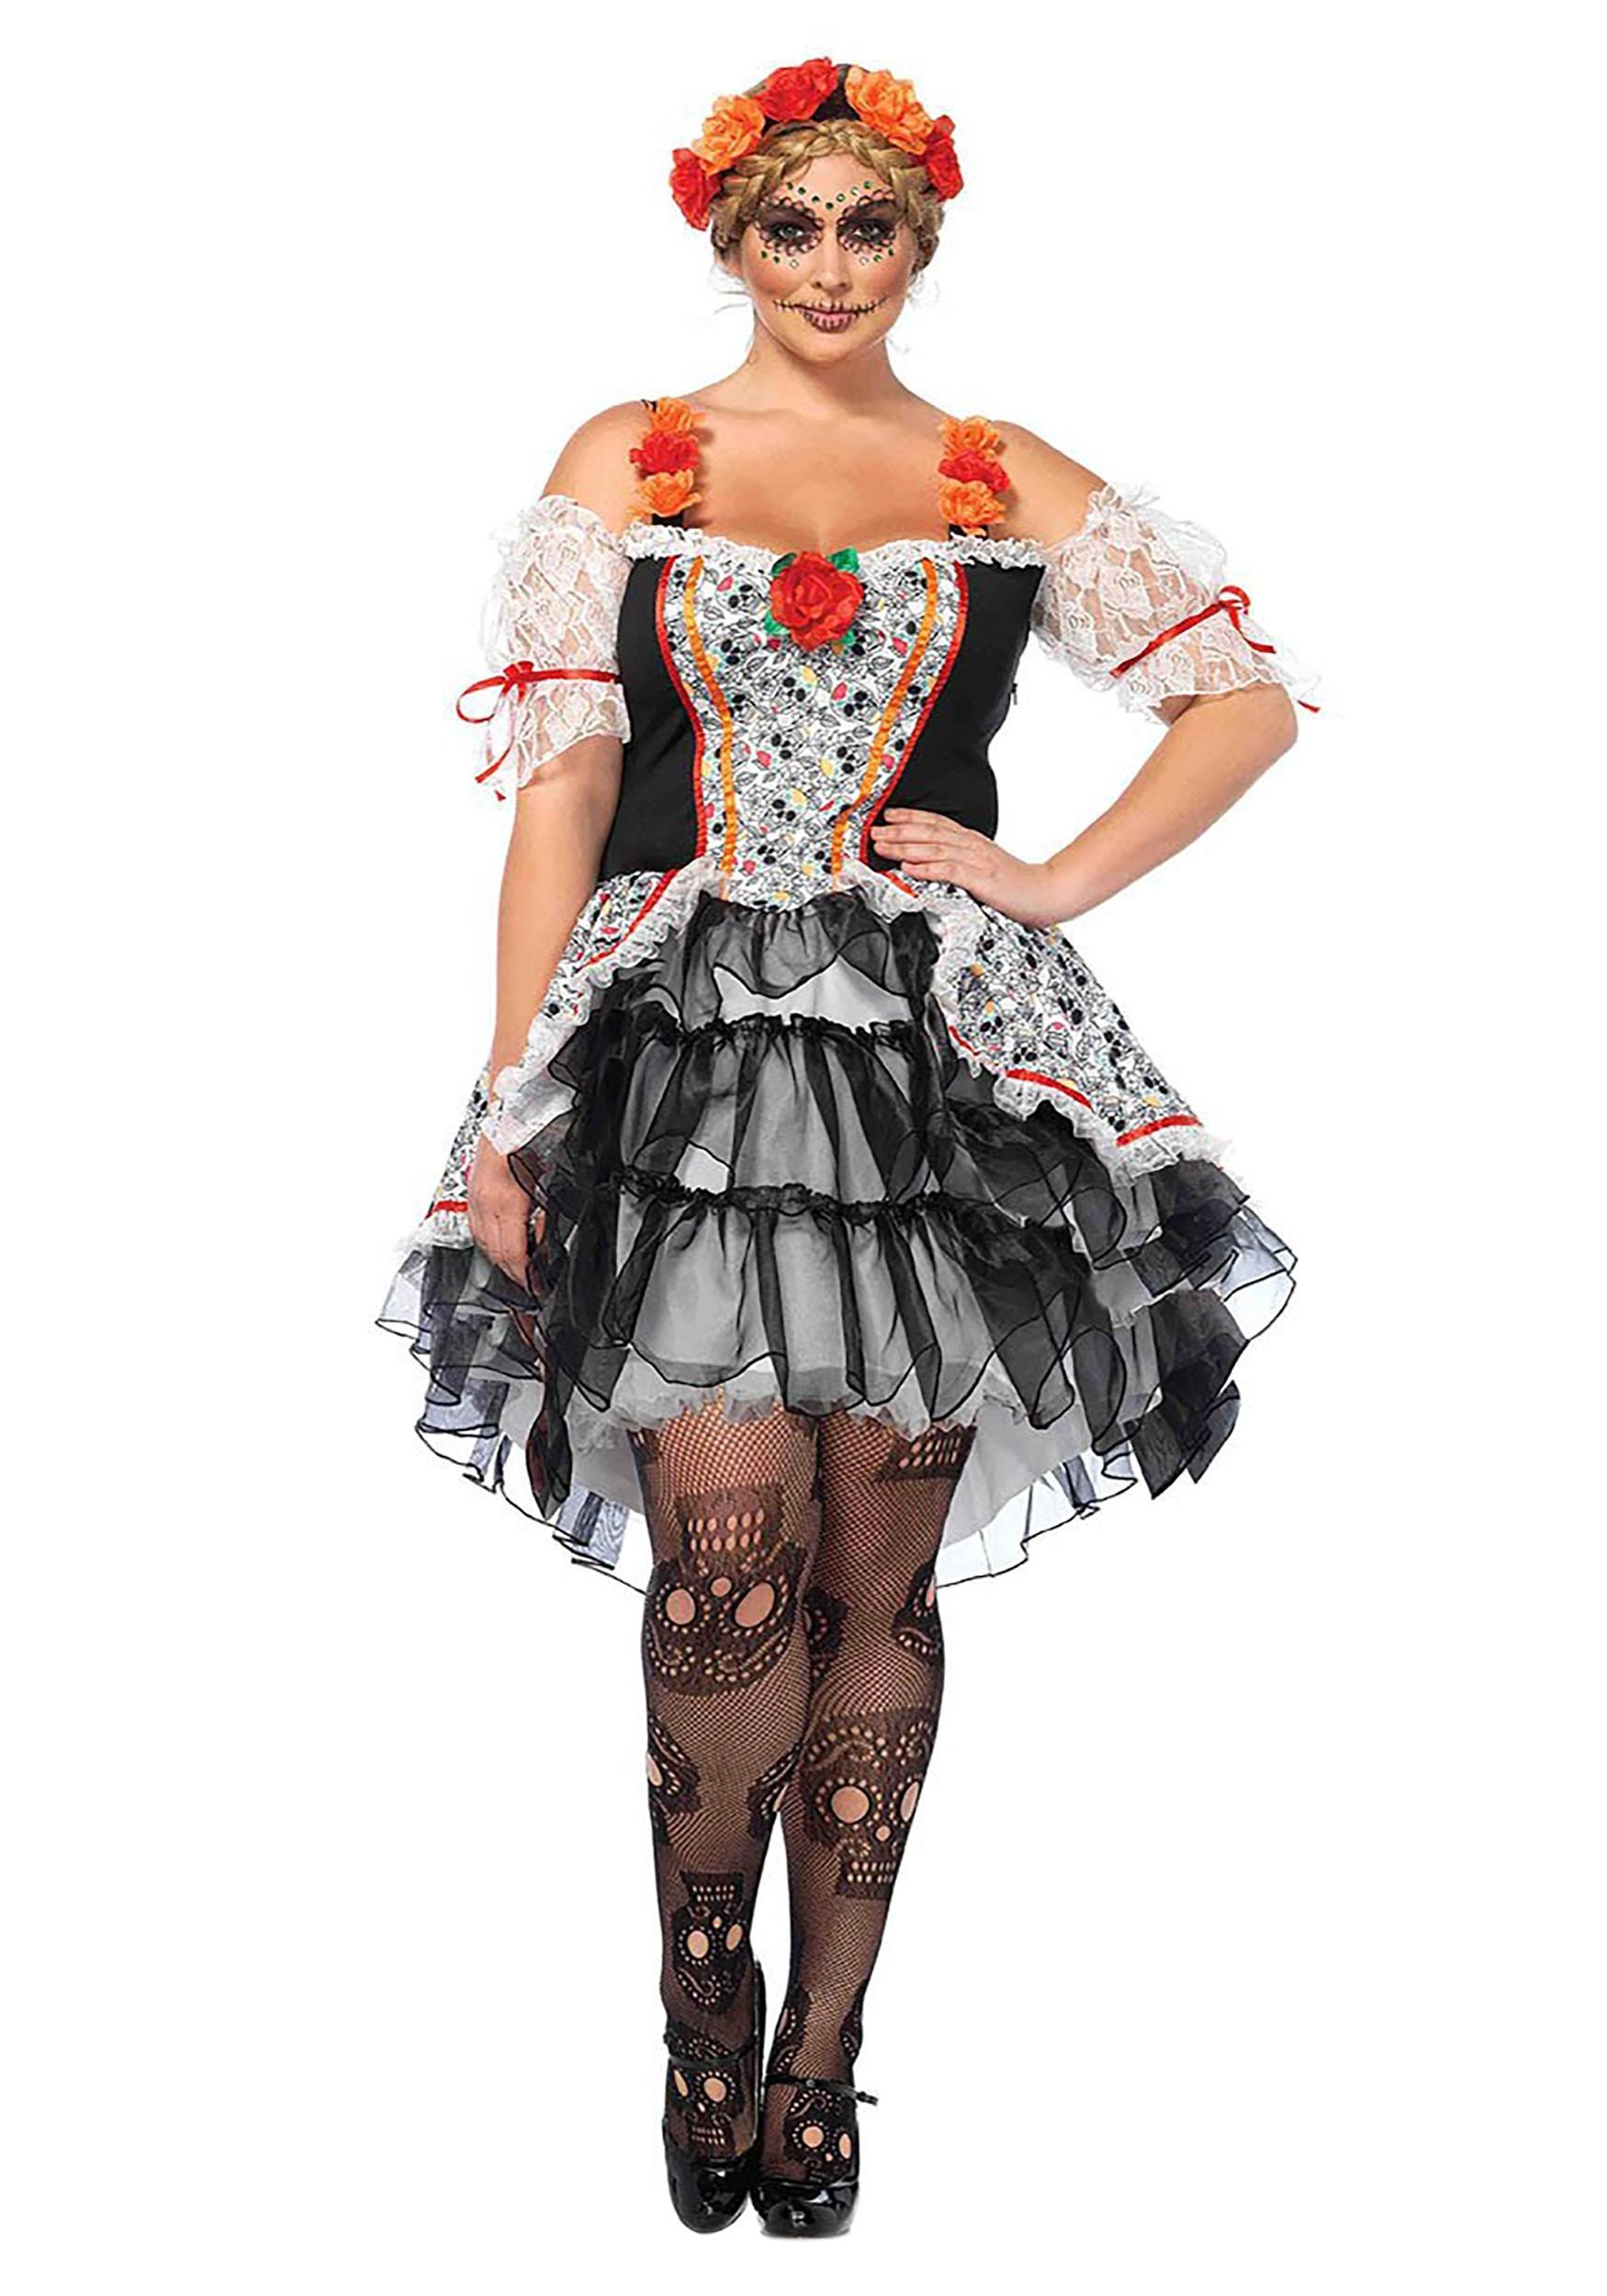 Ladies Day of the Dead Senorita Doll Costume Adults Womens Halloween Fancy Dress